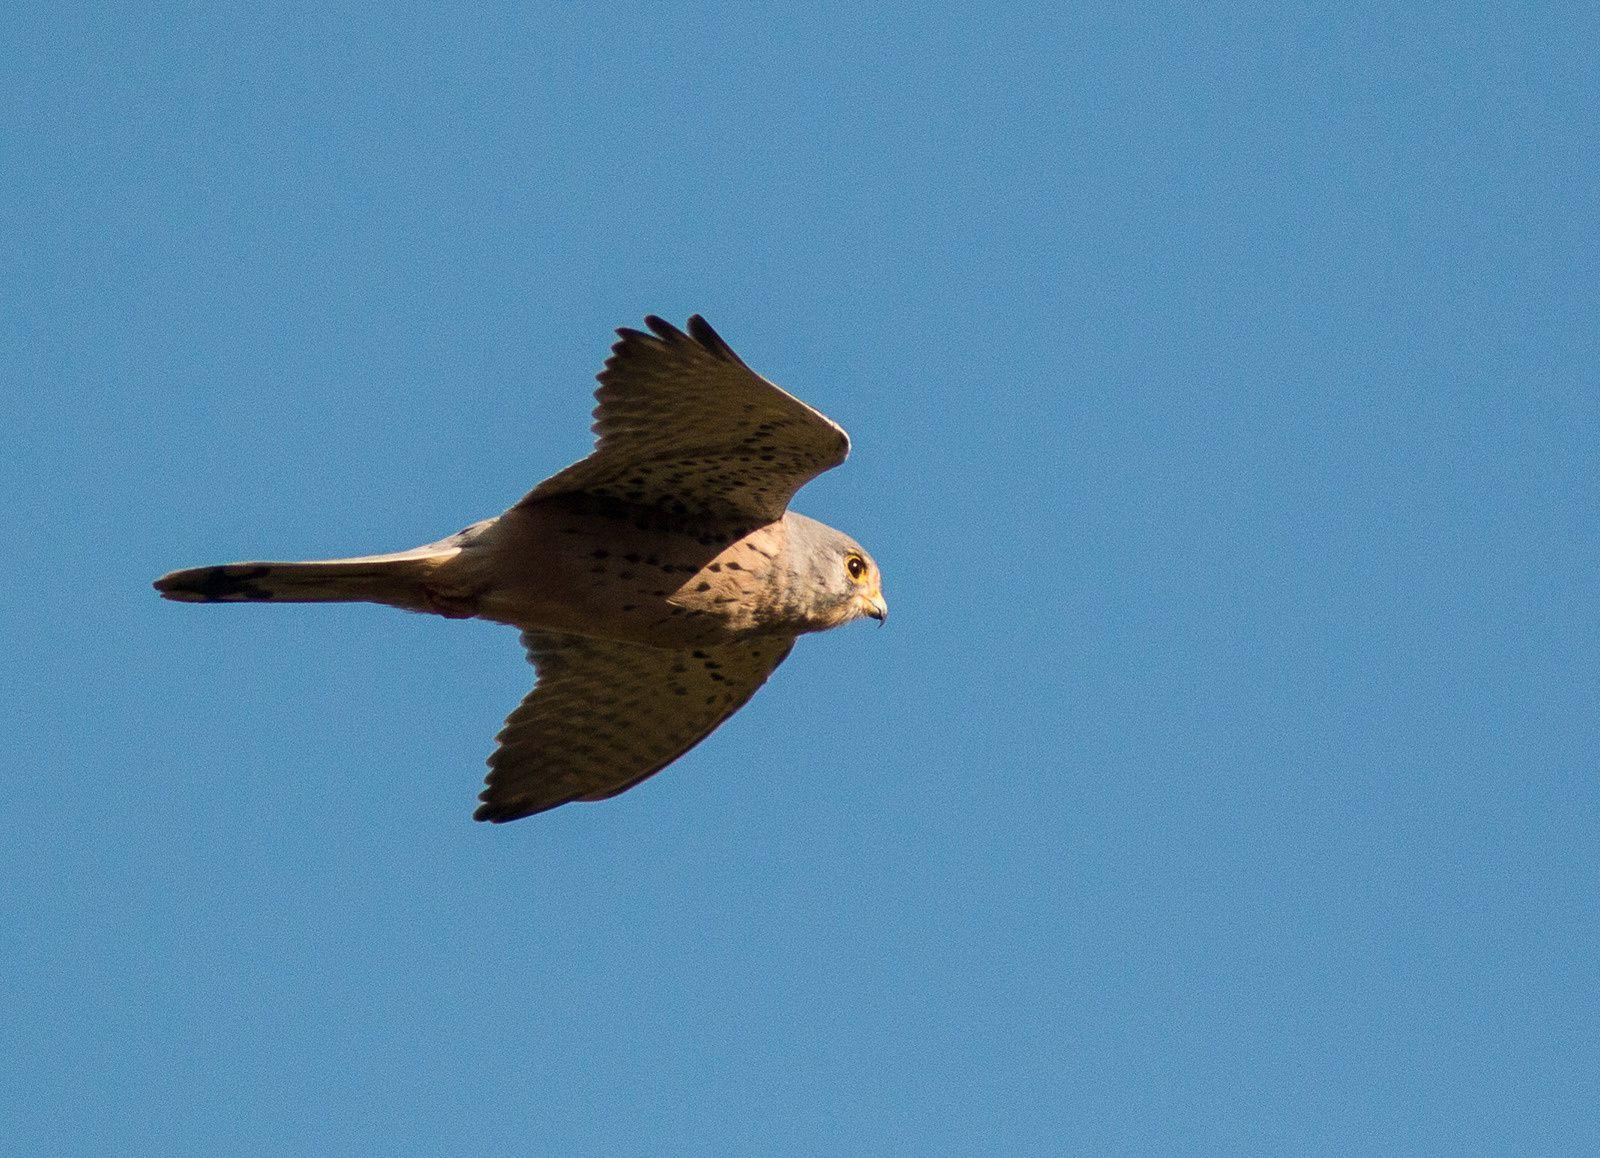 Et puis tranquillement le faucon crécerelle vient se poser devant l'objectif. Aucune difficulté pour l'identifier. C'est un familier.